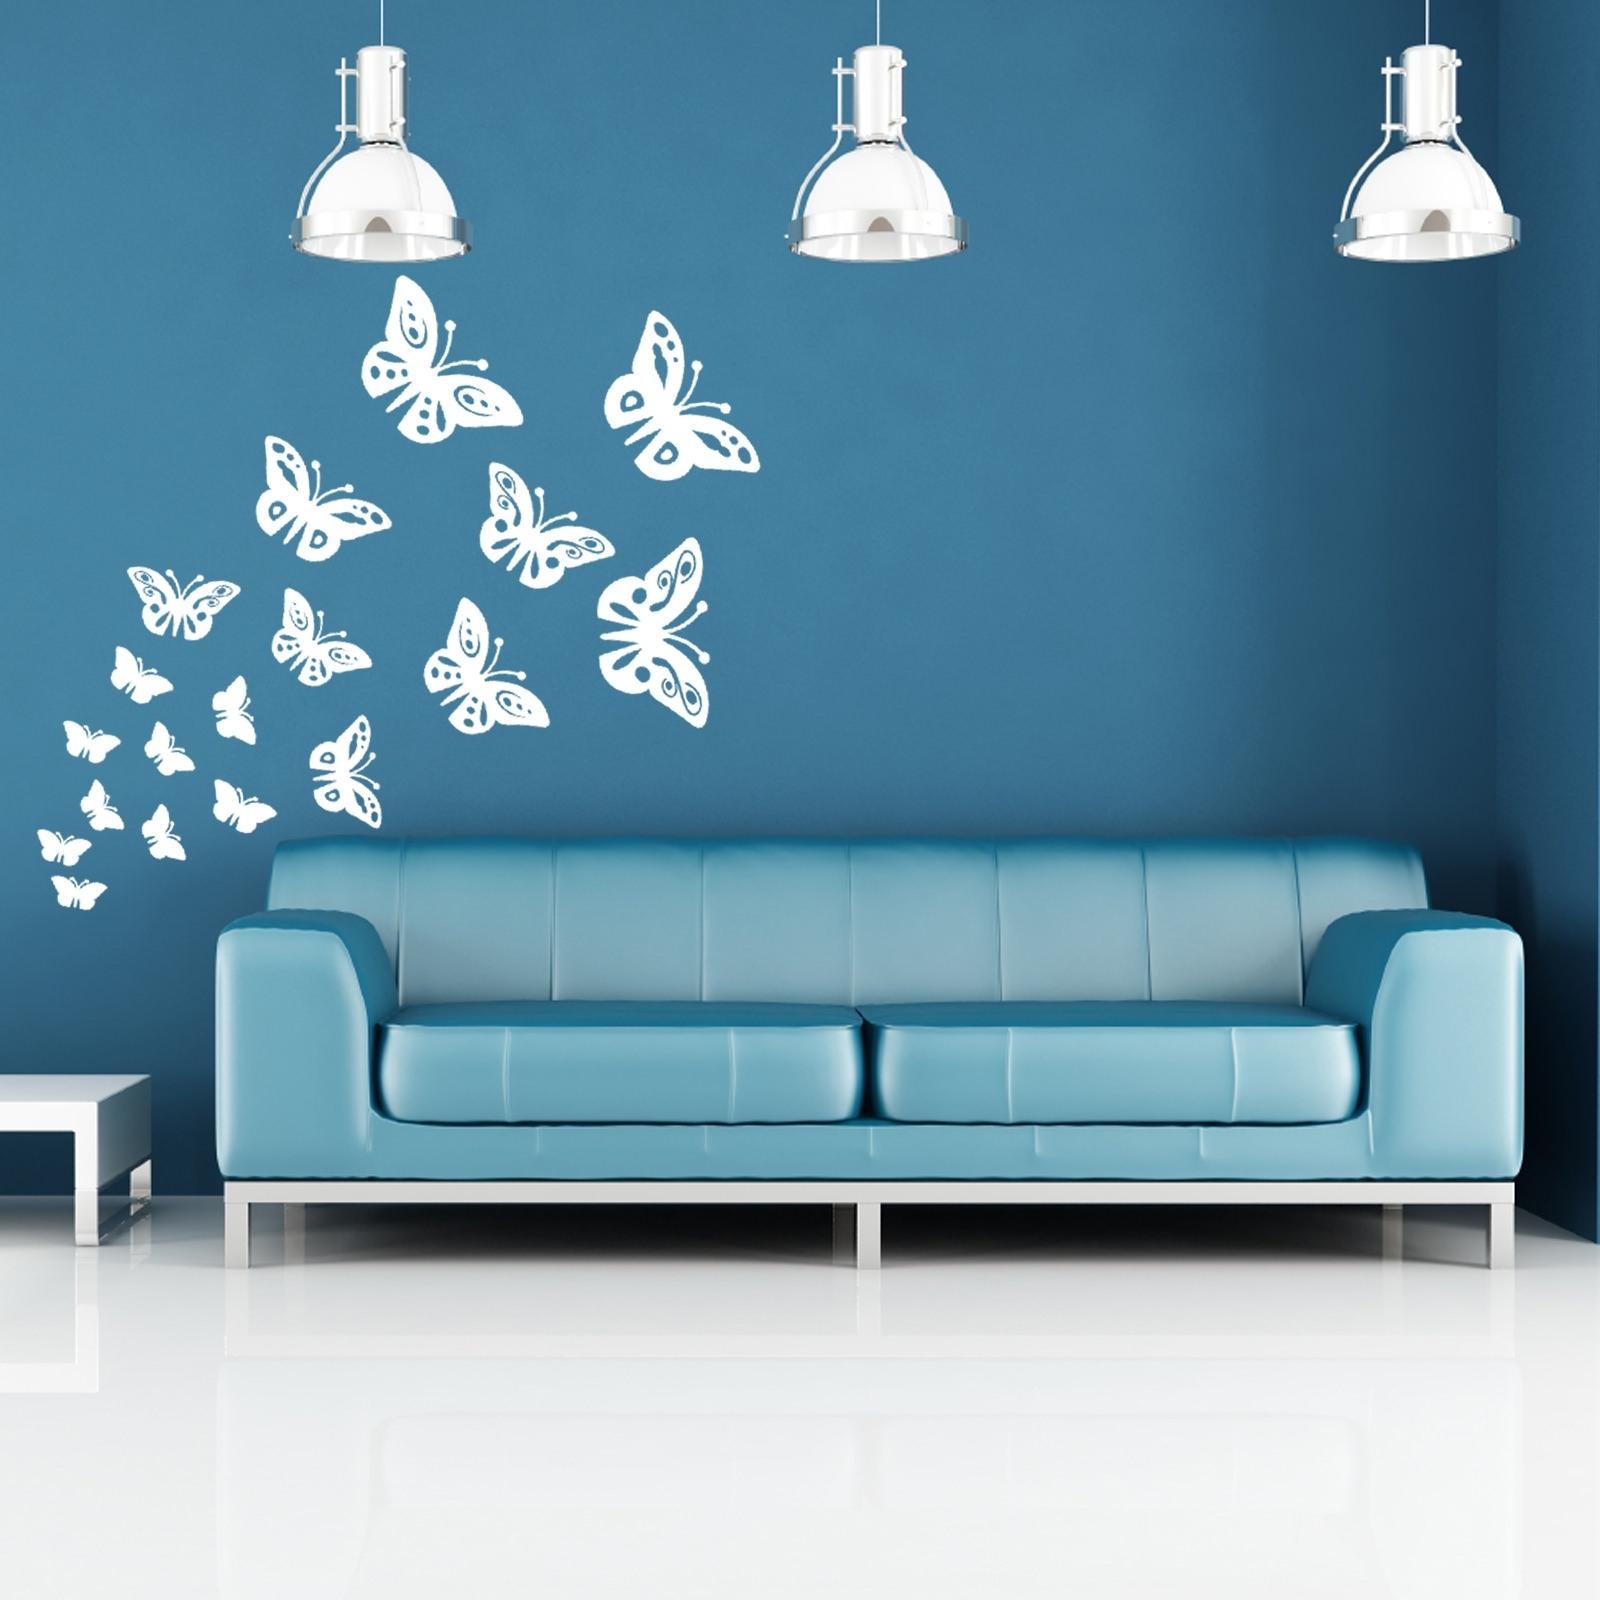 15 Best Wall Art Designs